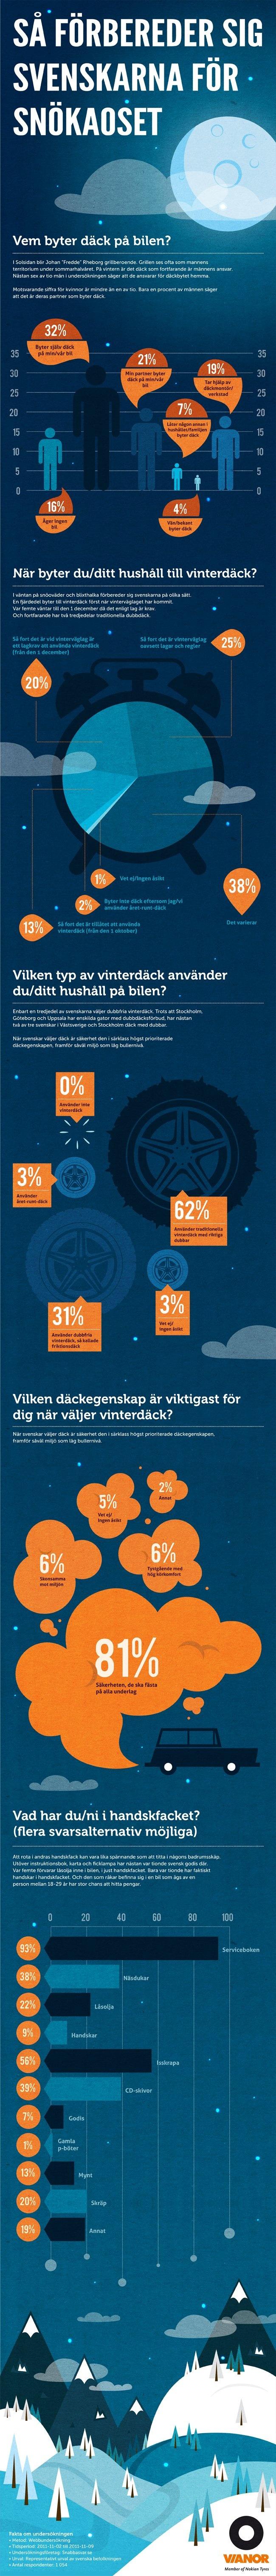 Infographic from the tyre company Vianor. Skaffa rätt grepp med Vianor. Kundnummer 122903 så får ni bra rabatter.